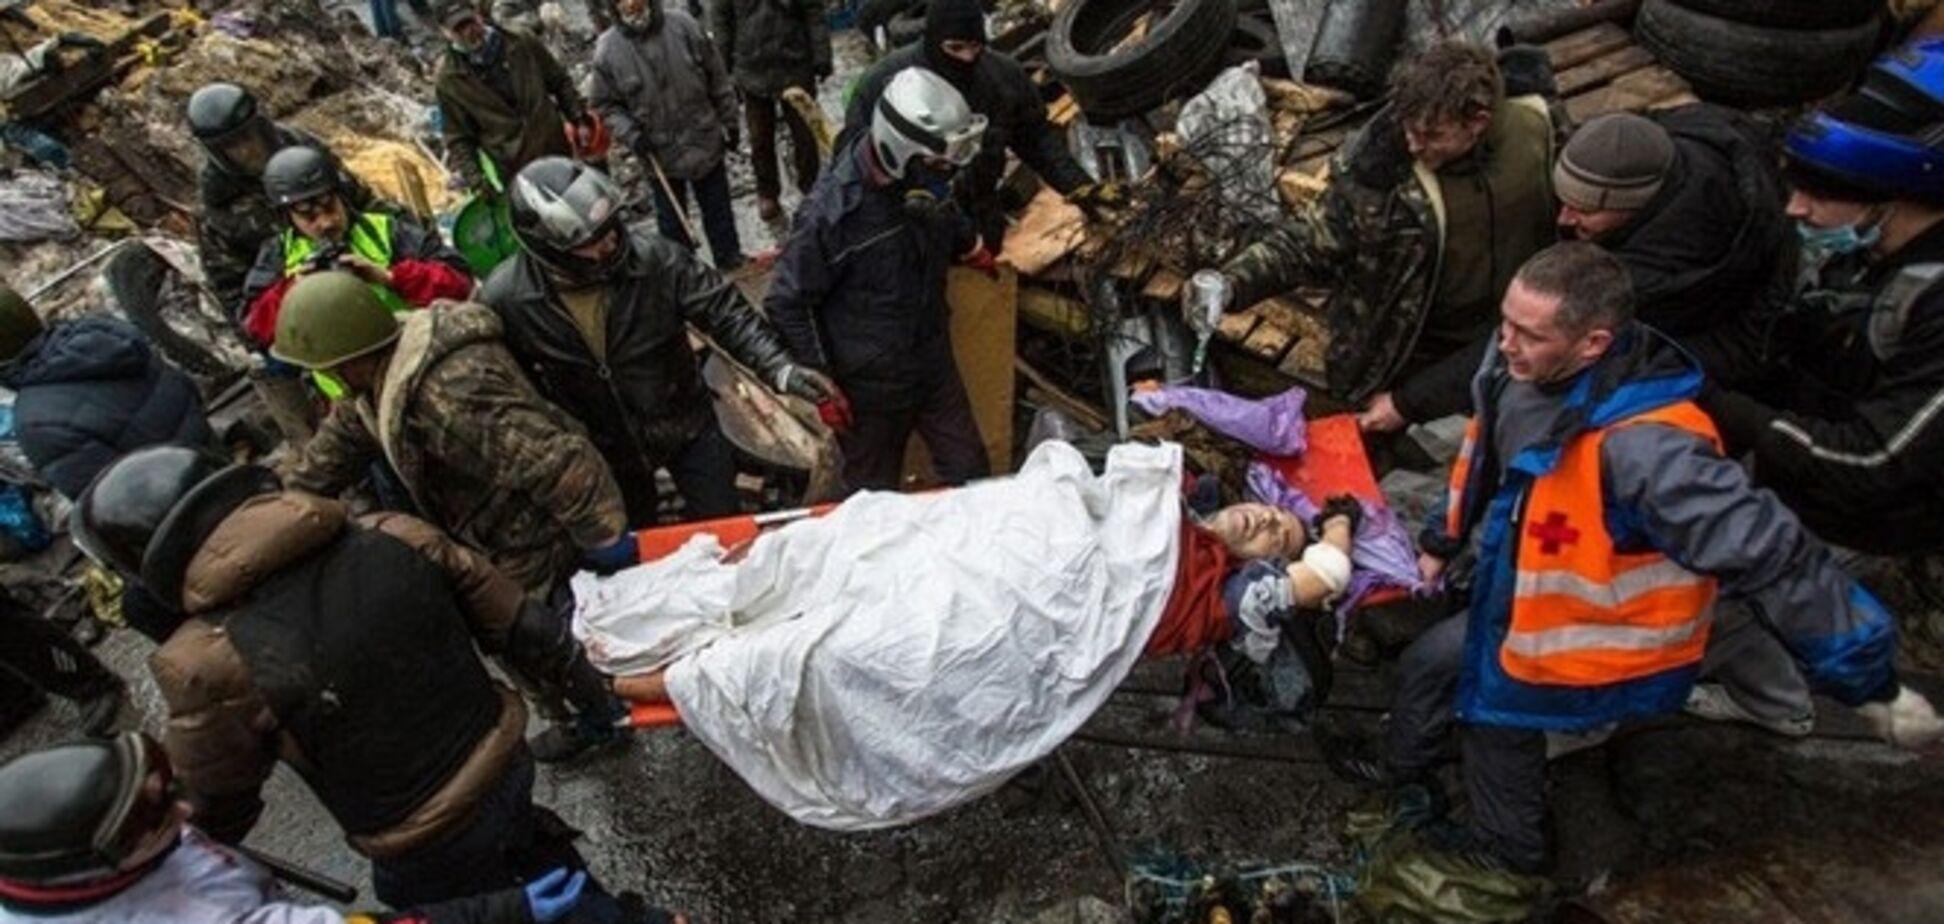 РосЗМІ звинуватили нардепів у розстрілі Майдану: з'явилися нові подробиці